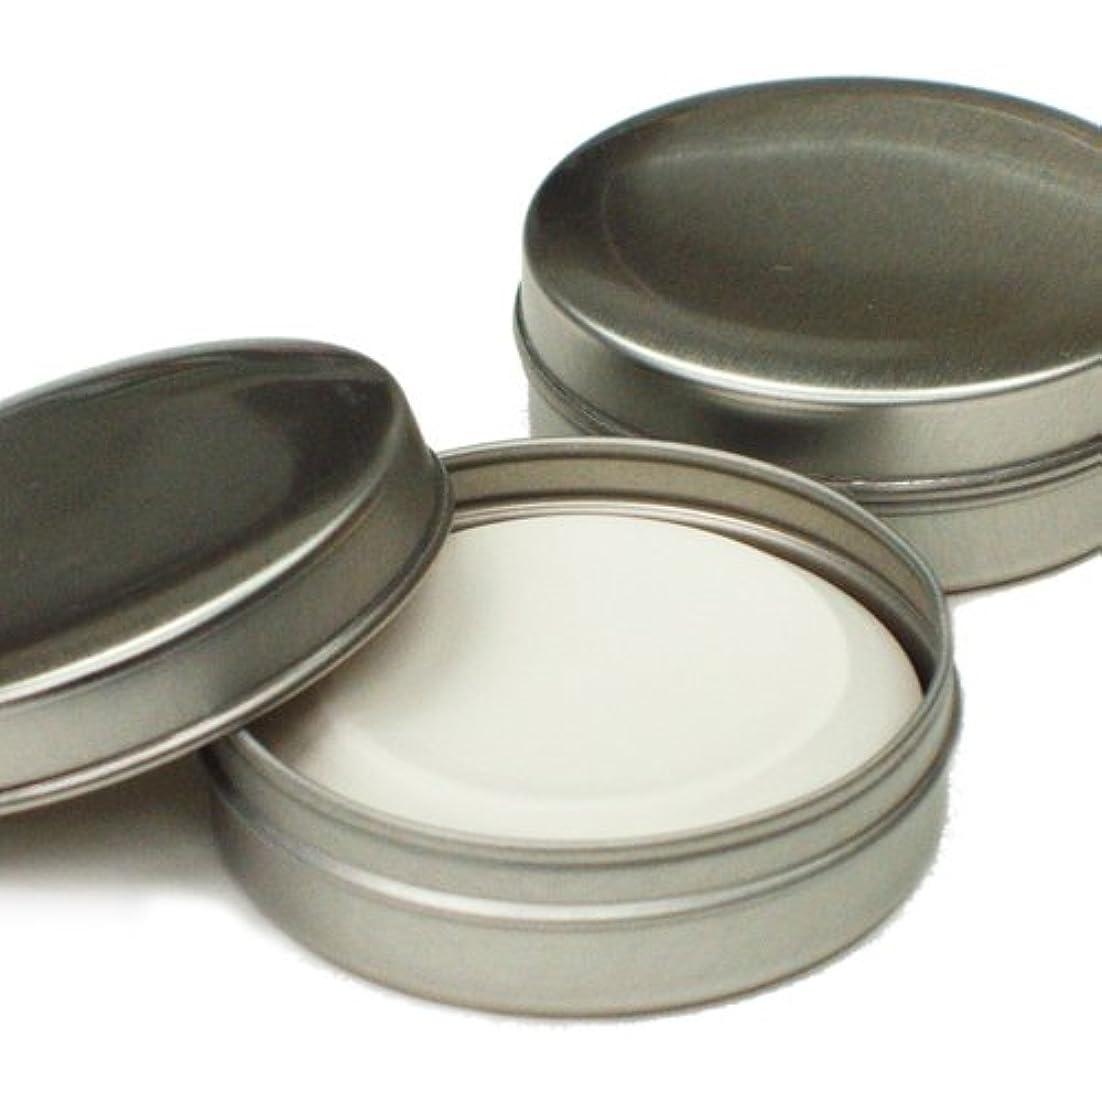 増幅する漏れ和解するアロマストーン アロマプレート アルミ缶入 2個セット 日本製 素焼き 陶器 アロマディフューザー